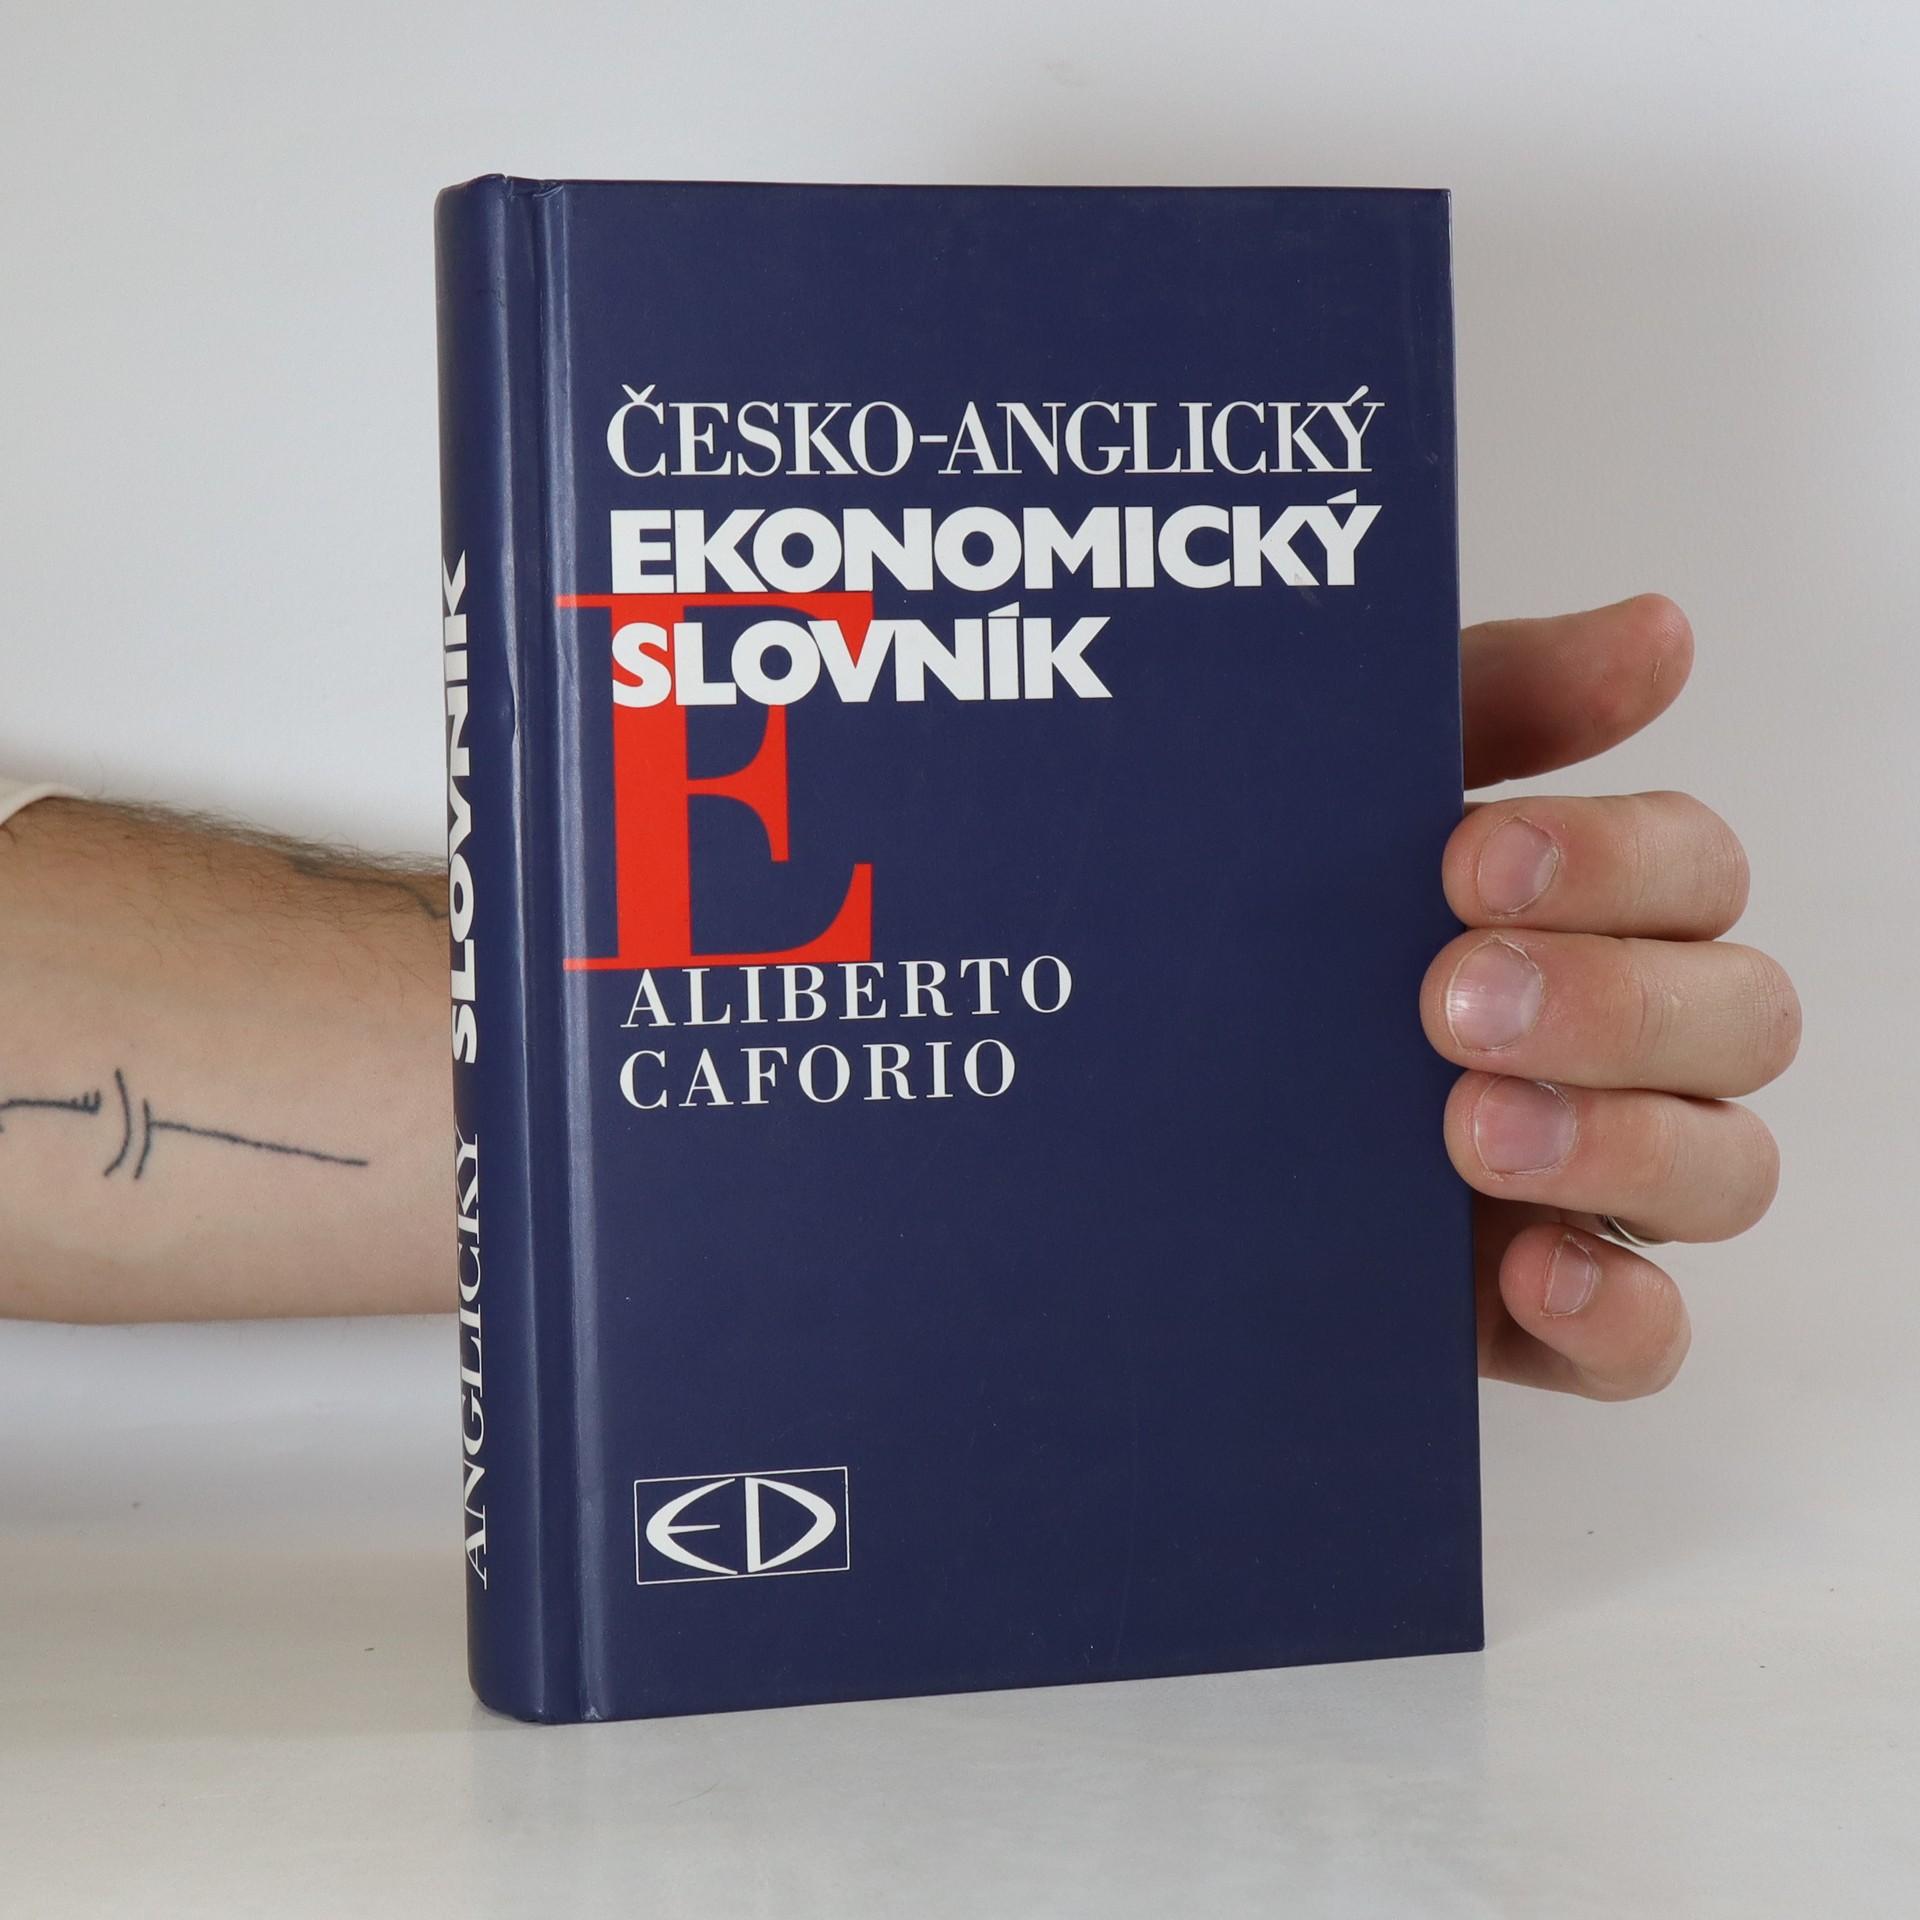 antikvární kniha Česko-anglický ekonomický slovník, 1996